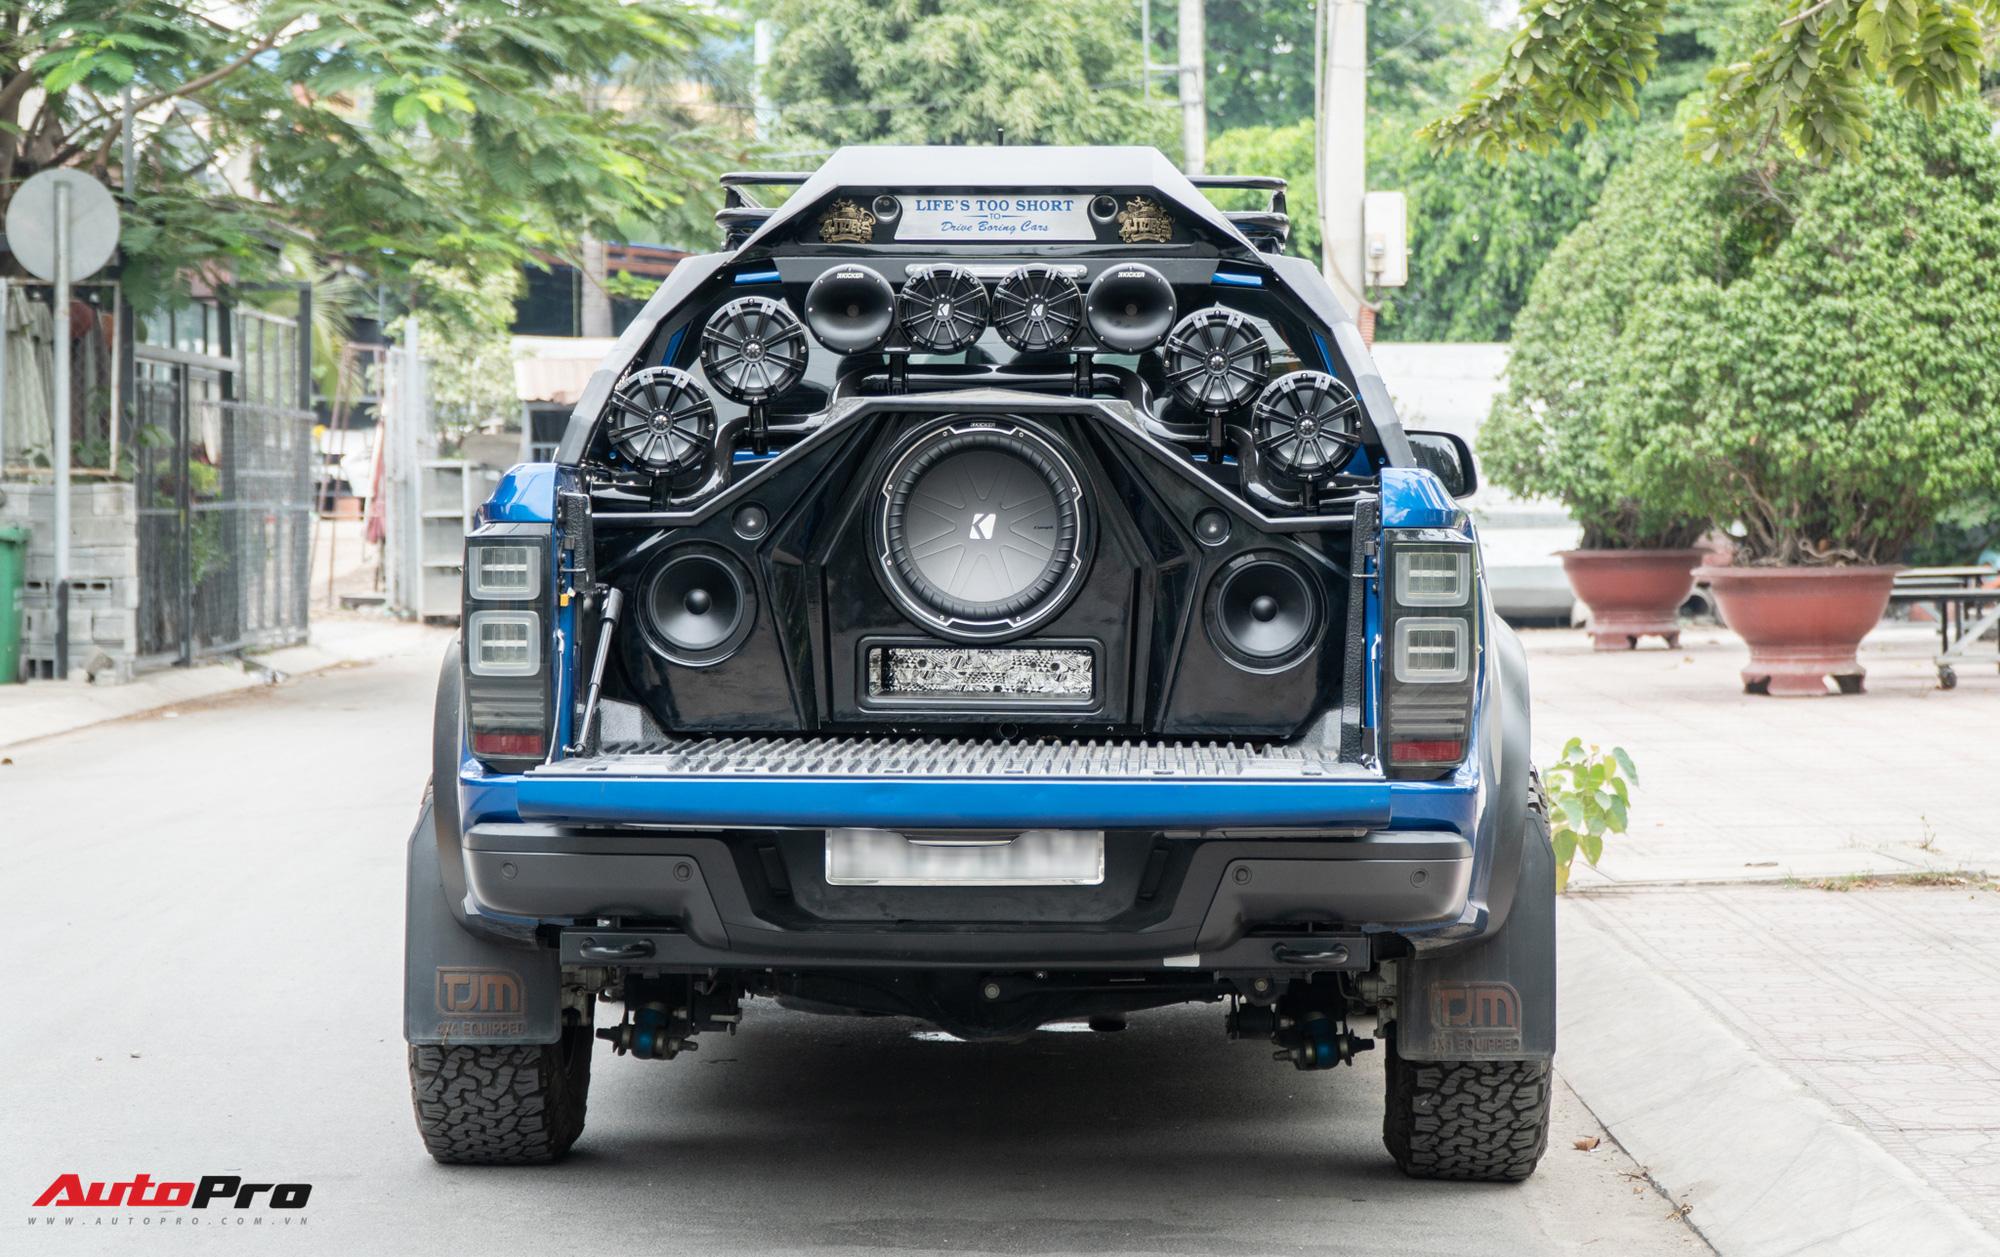 Chủ xe Ford Ranger Raptor chi 1,8 tỷ đồng độ dàn âm thanh